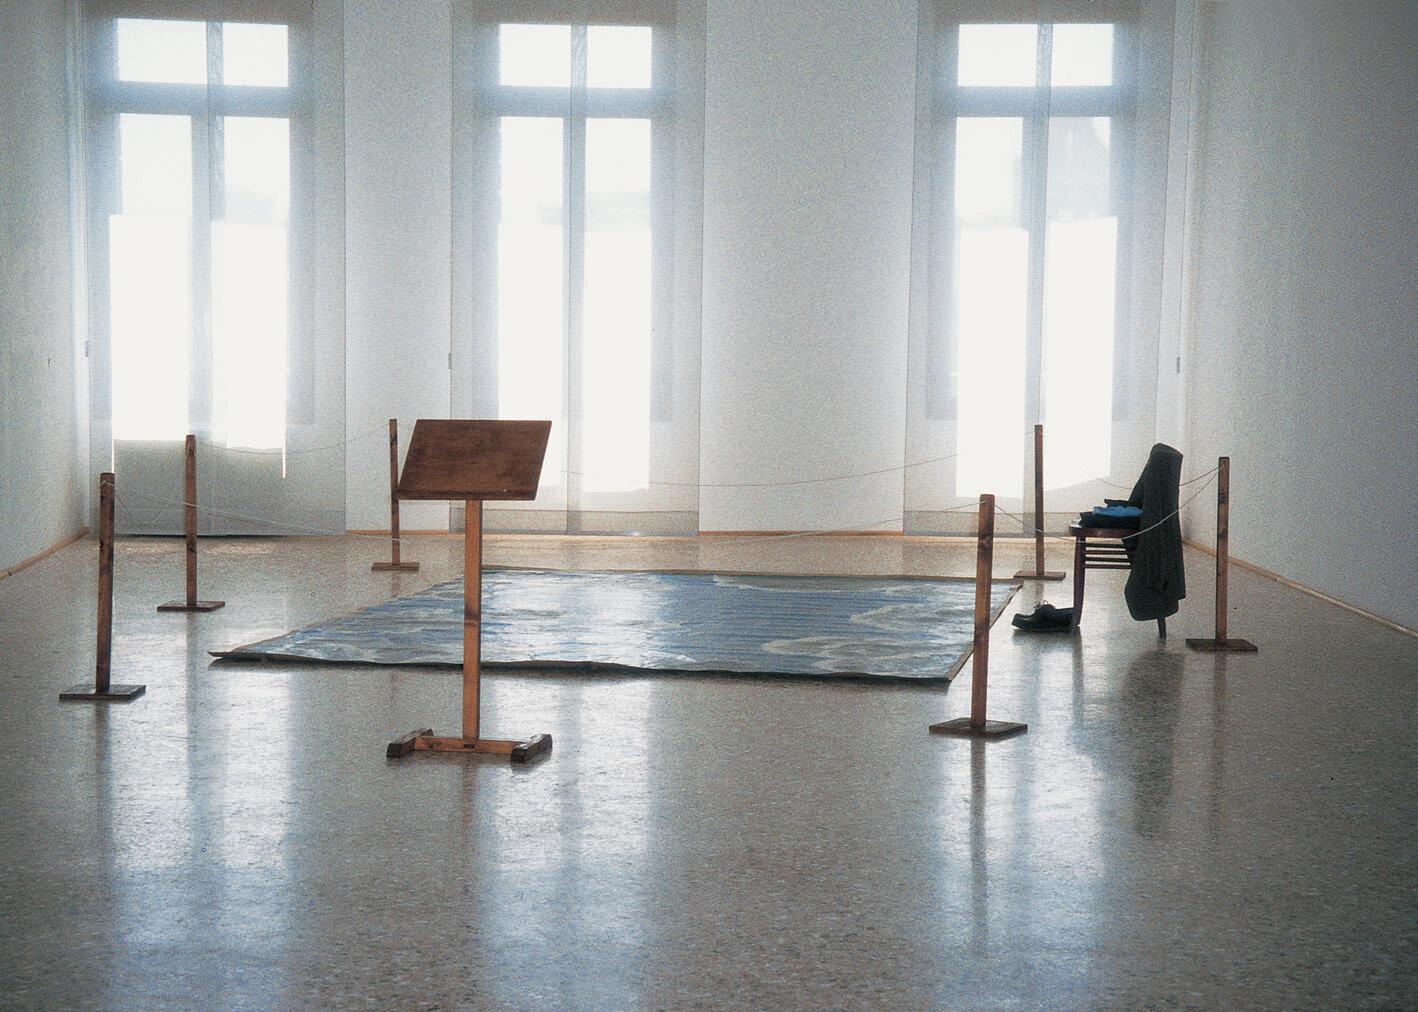 View-of-installation-Palazzo-Fondazione-Querini-Stampalia-Venice-1997-Photo-BY-Emil.jpg